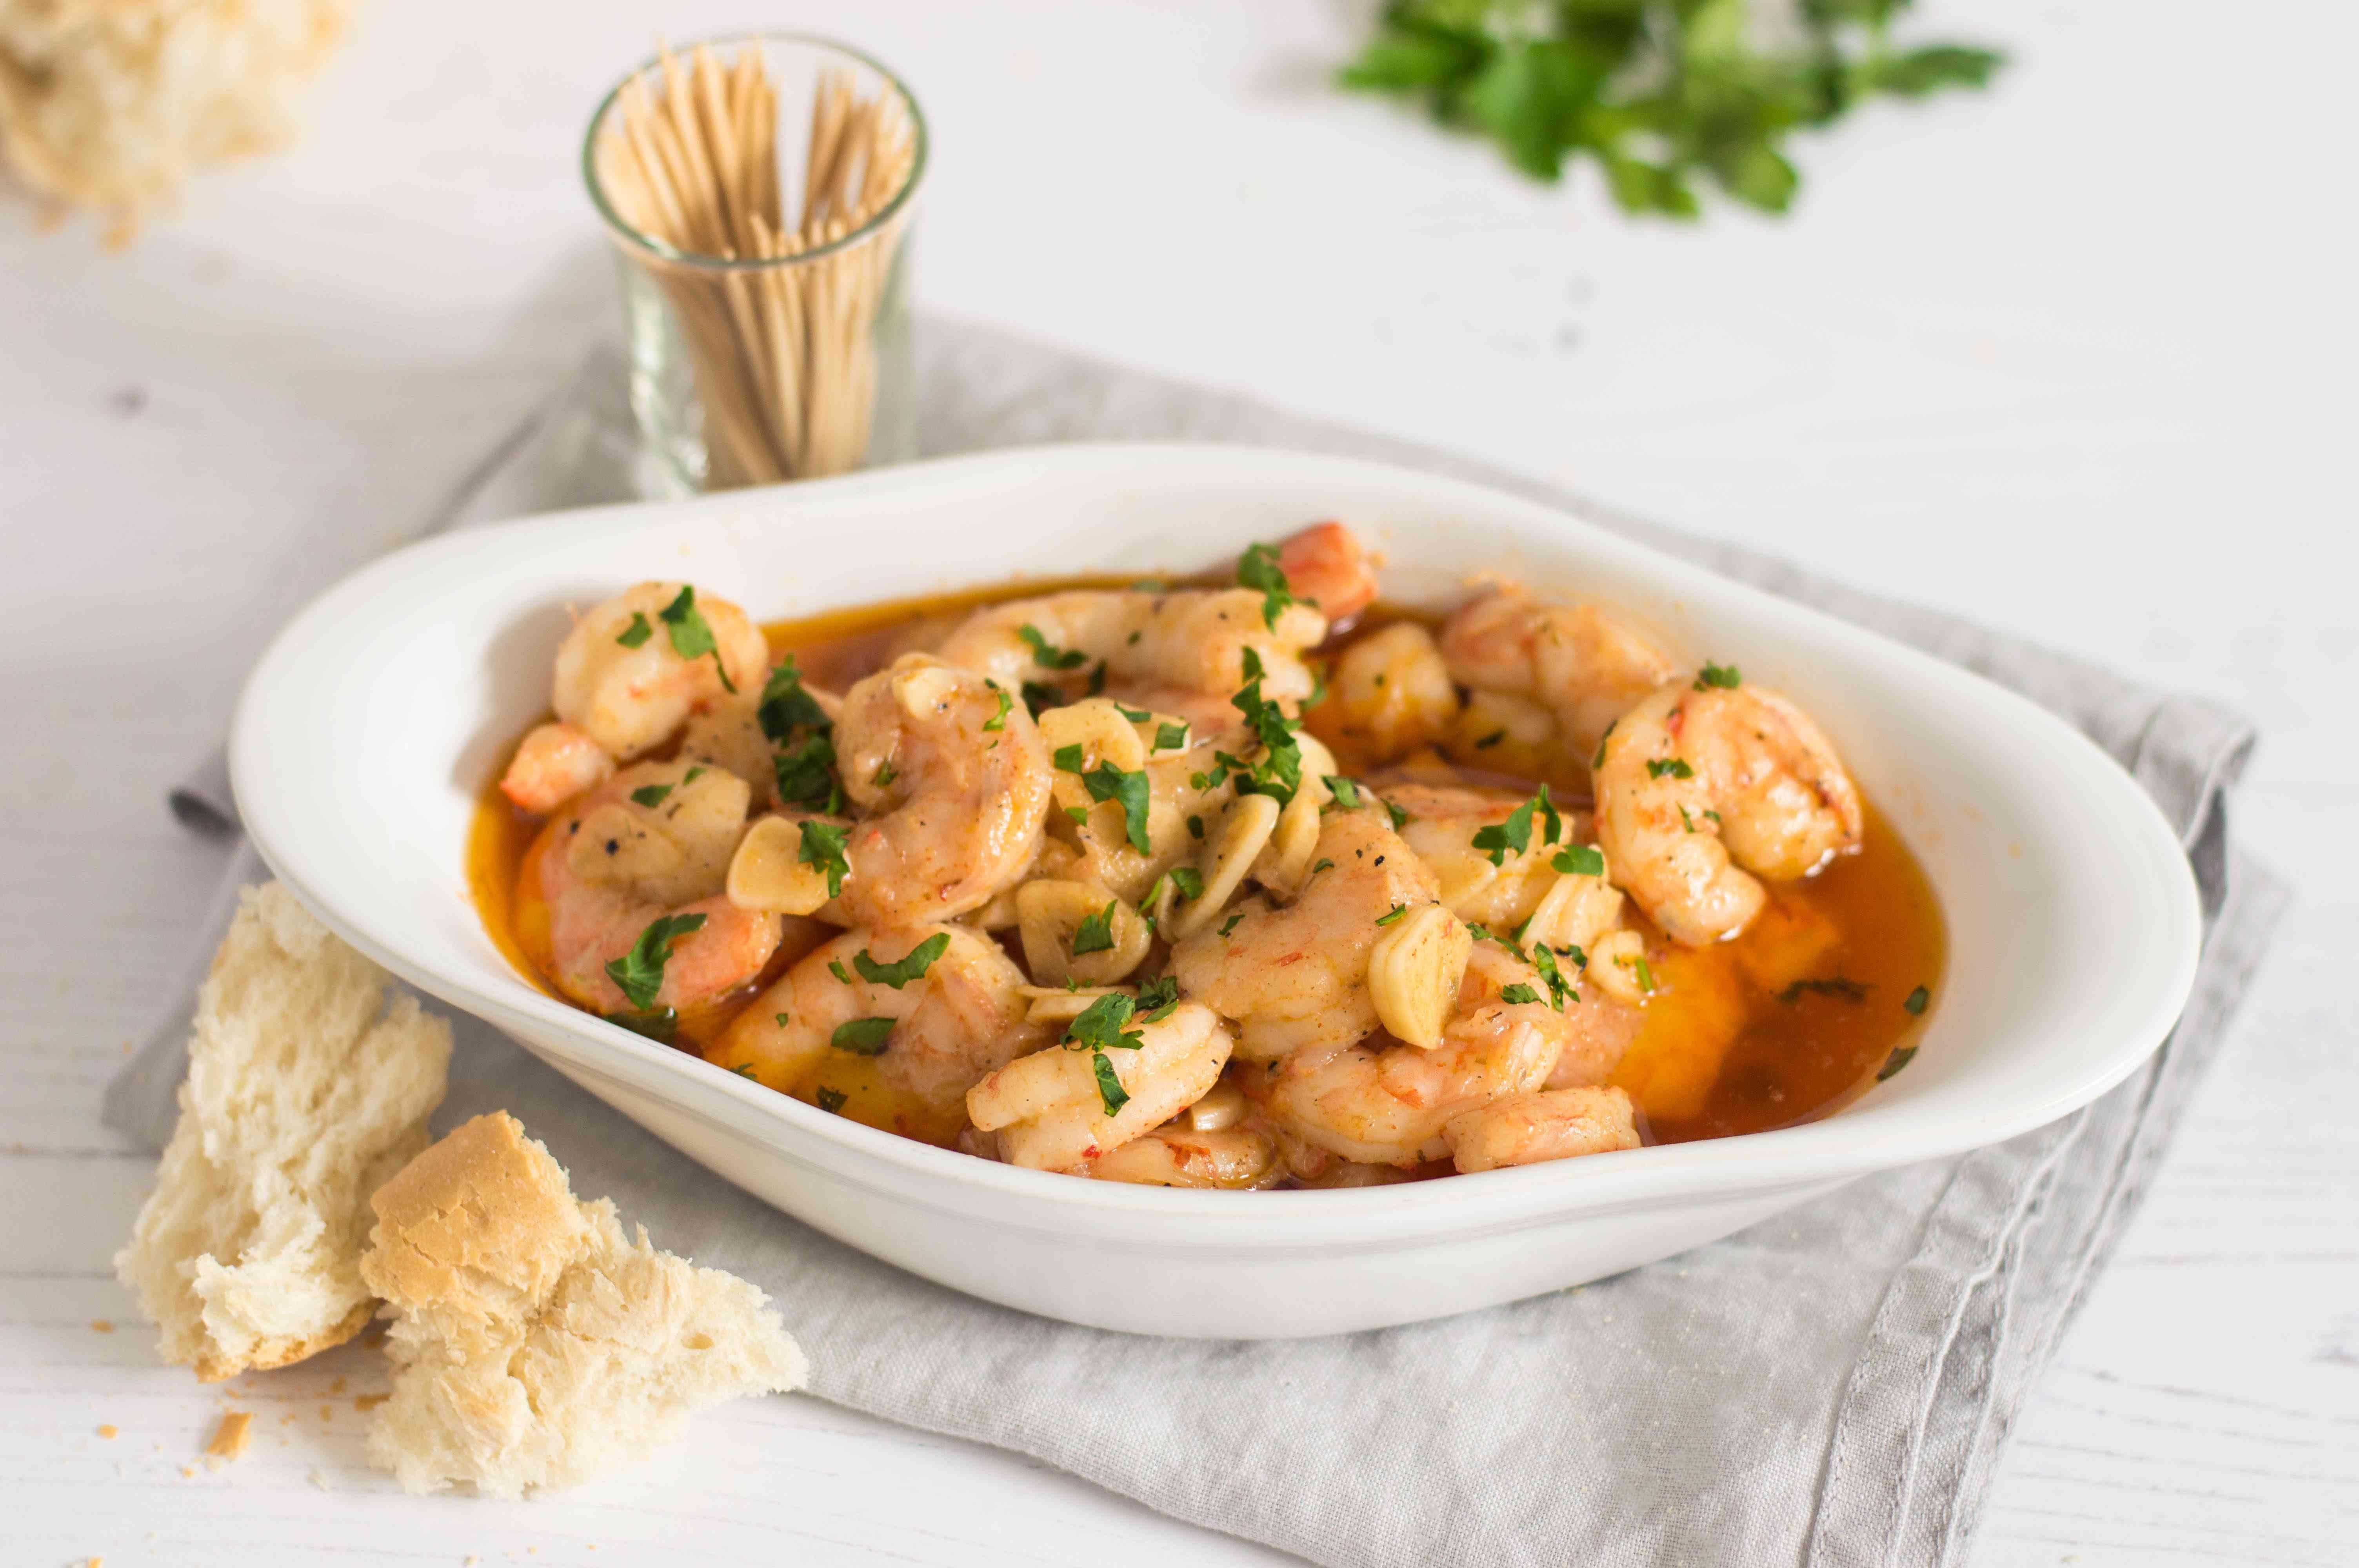 Slow cooker garlic shrimp